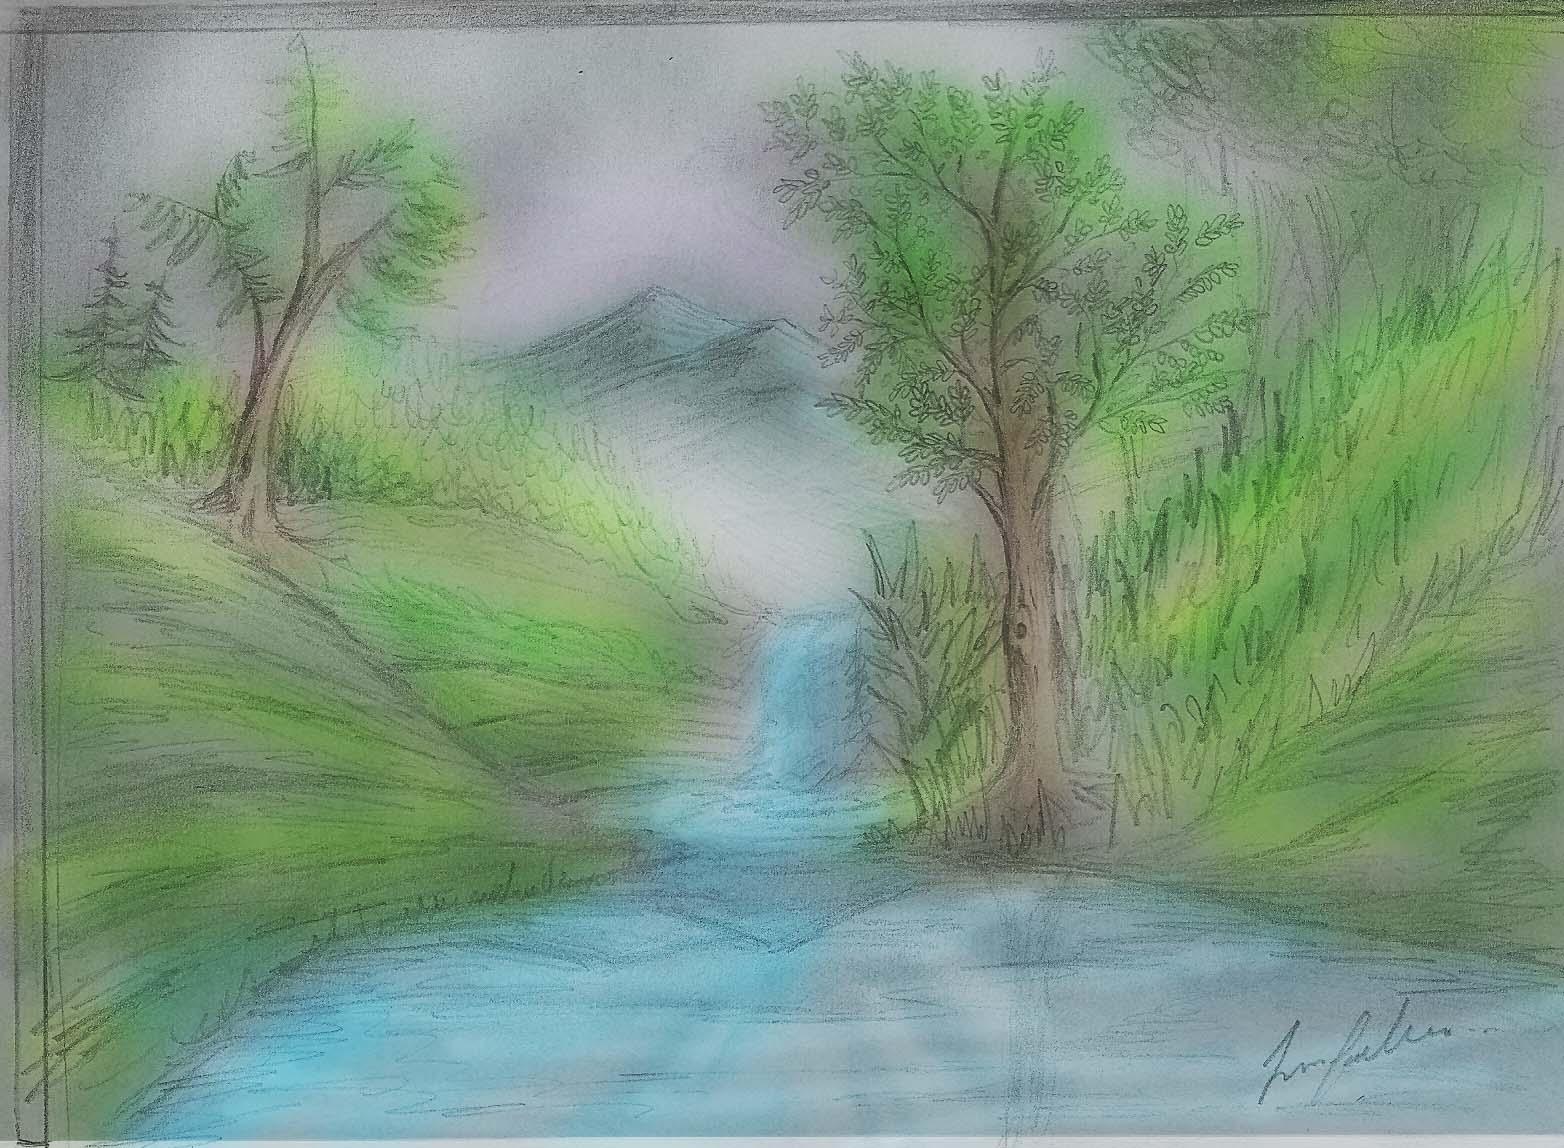 Dibujando con superposici n de colores en photoshop paso - Quitar humedad del ambiente ...